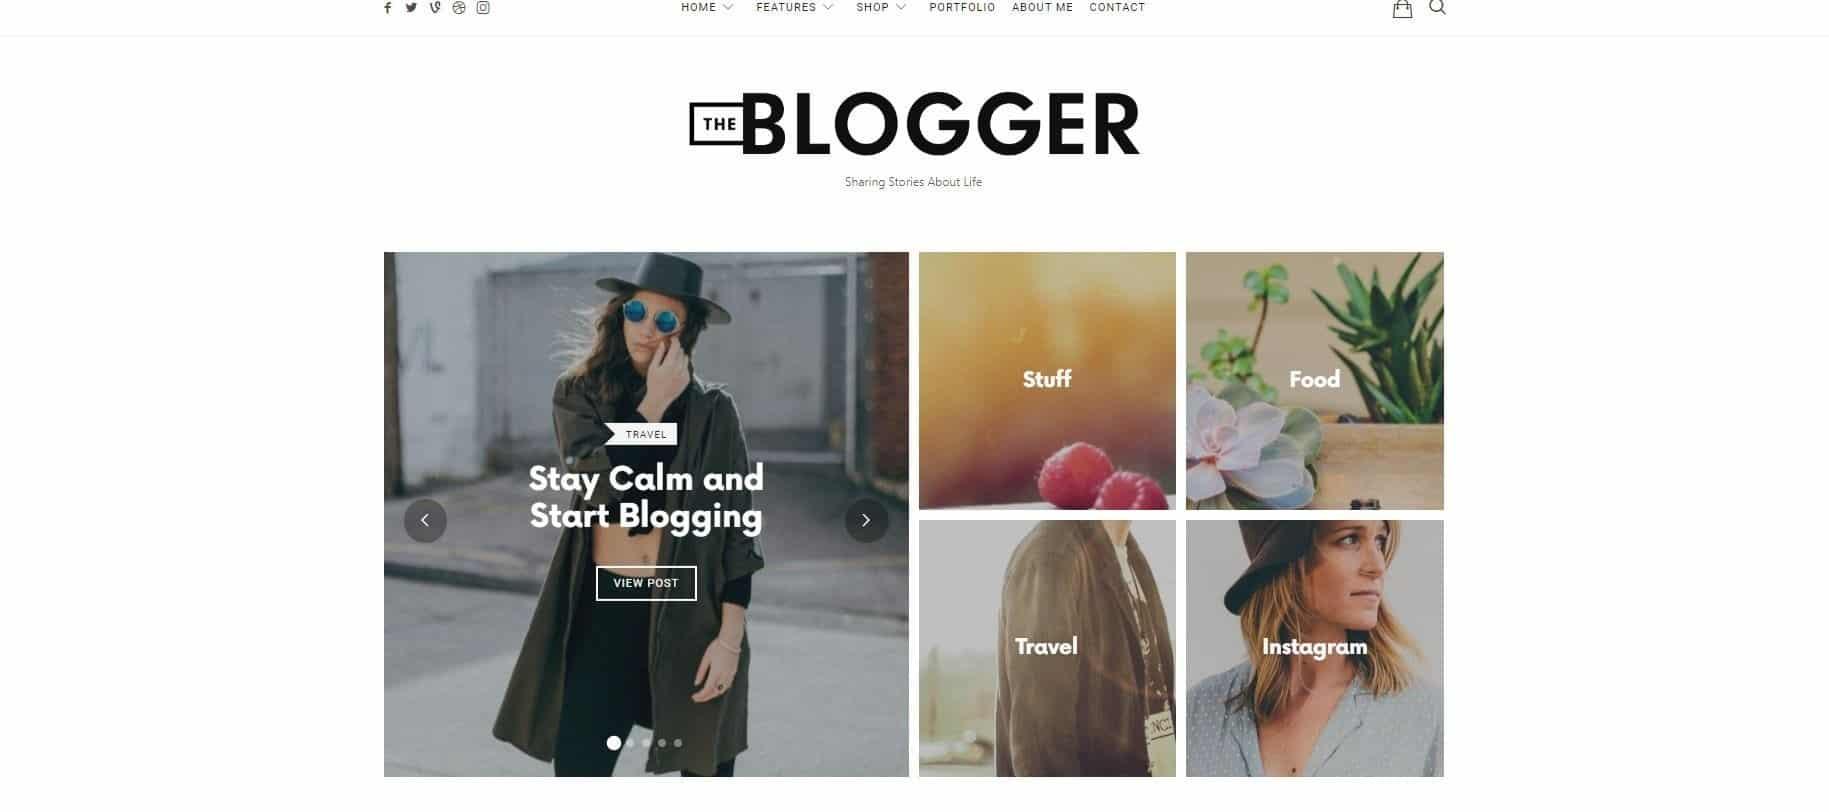 theblogger-beste-wordpress-theme-voor-bloggers